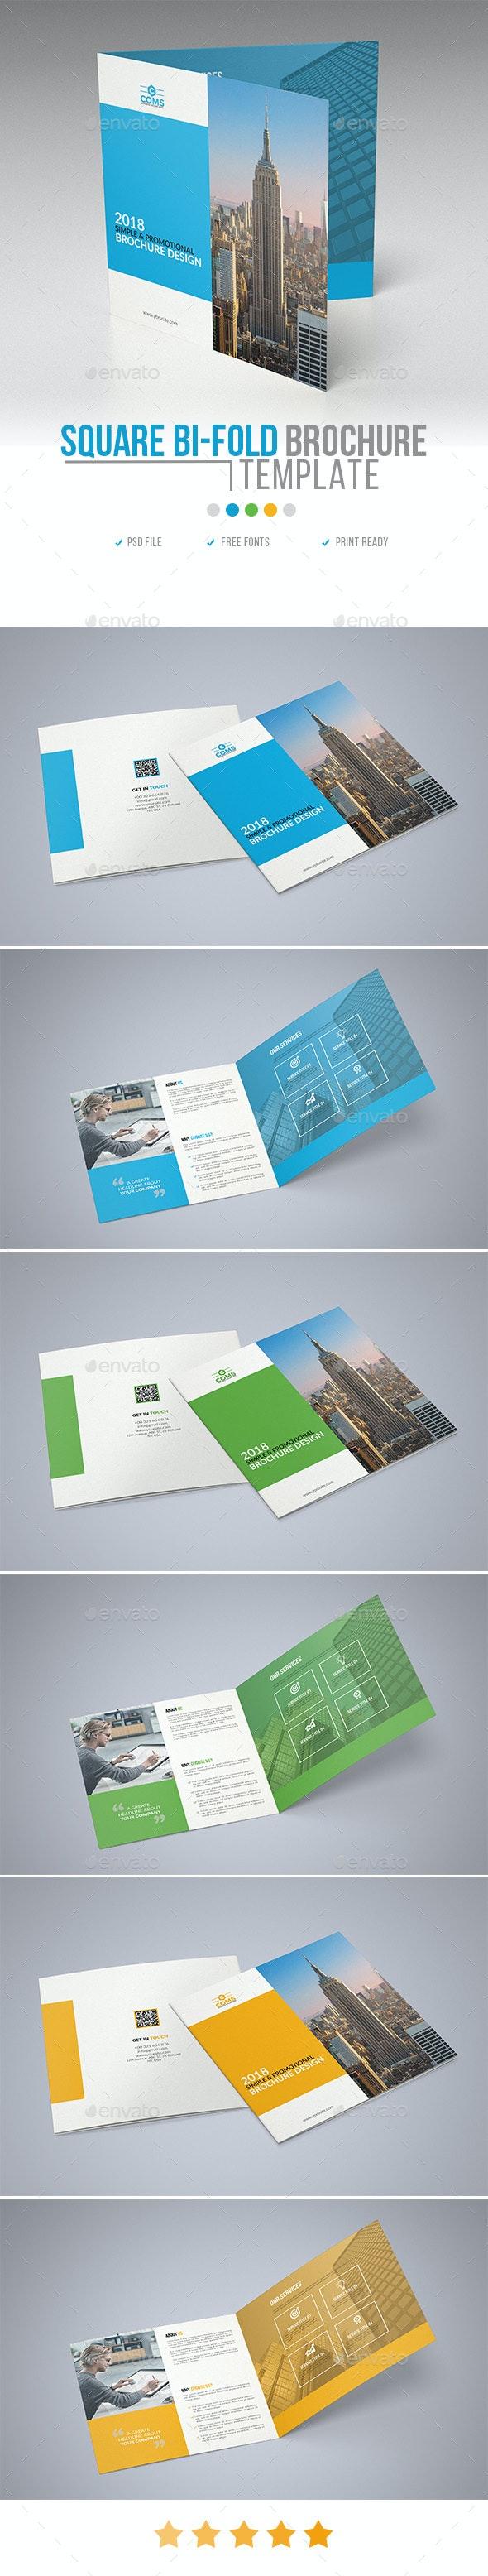 Corporate Square Bi Fold Brochure Template 01 - Corporate Brochures